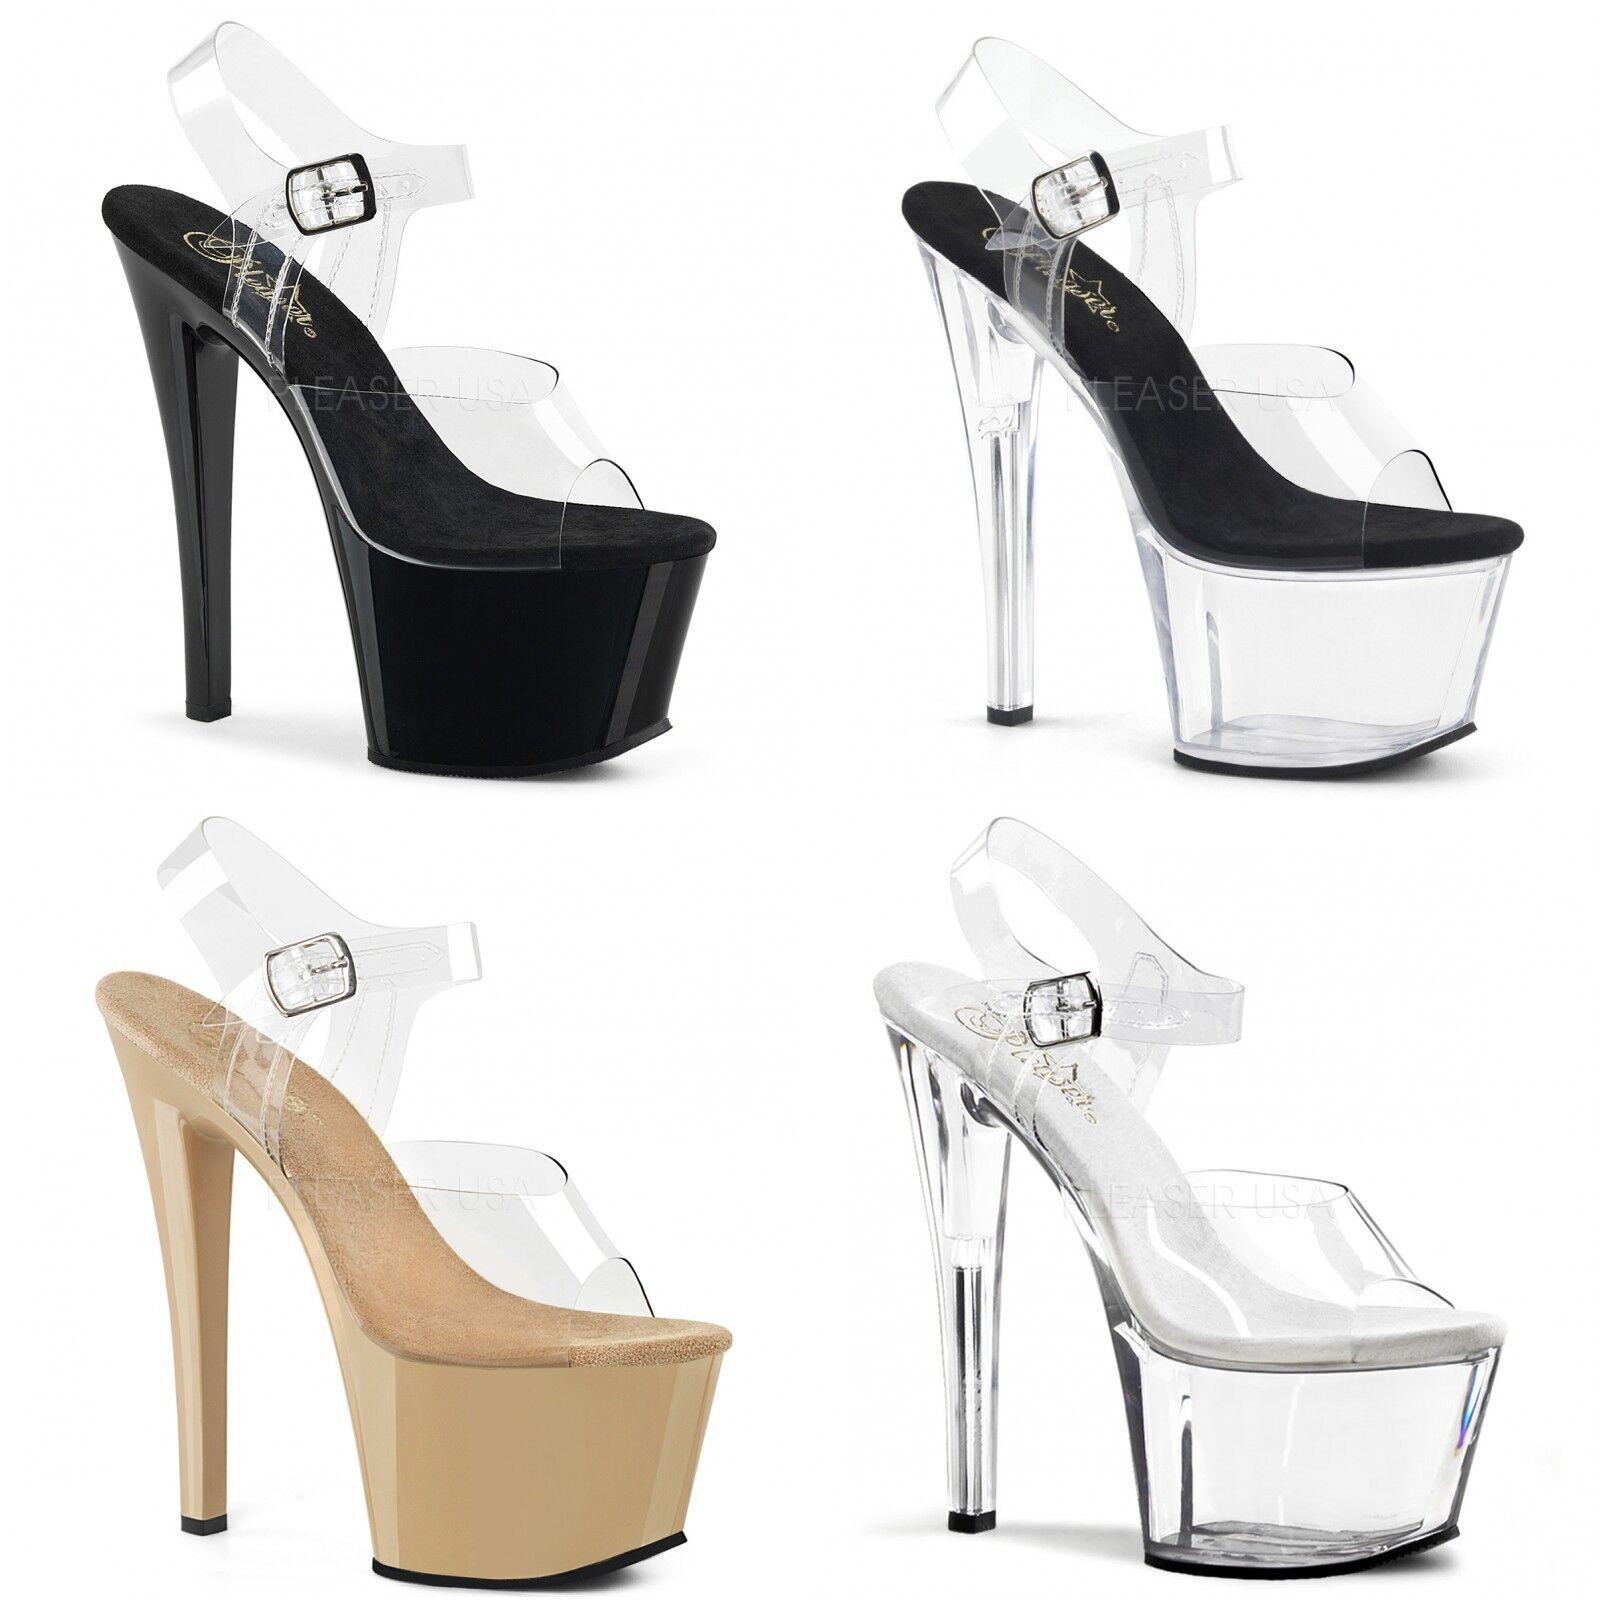 Pleaser Sky-308 Pole Lap danse Talon Aiguille Bride Cheville Sandales Chaussures